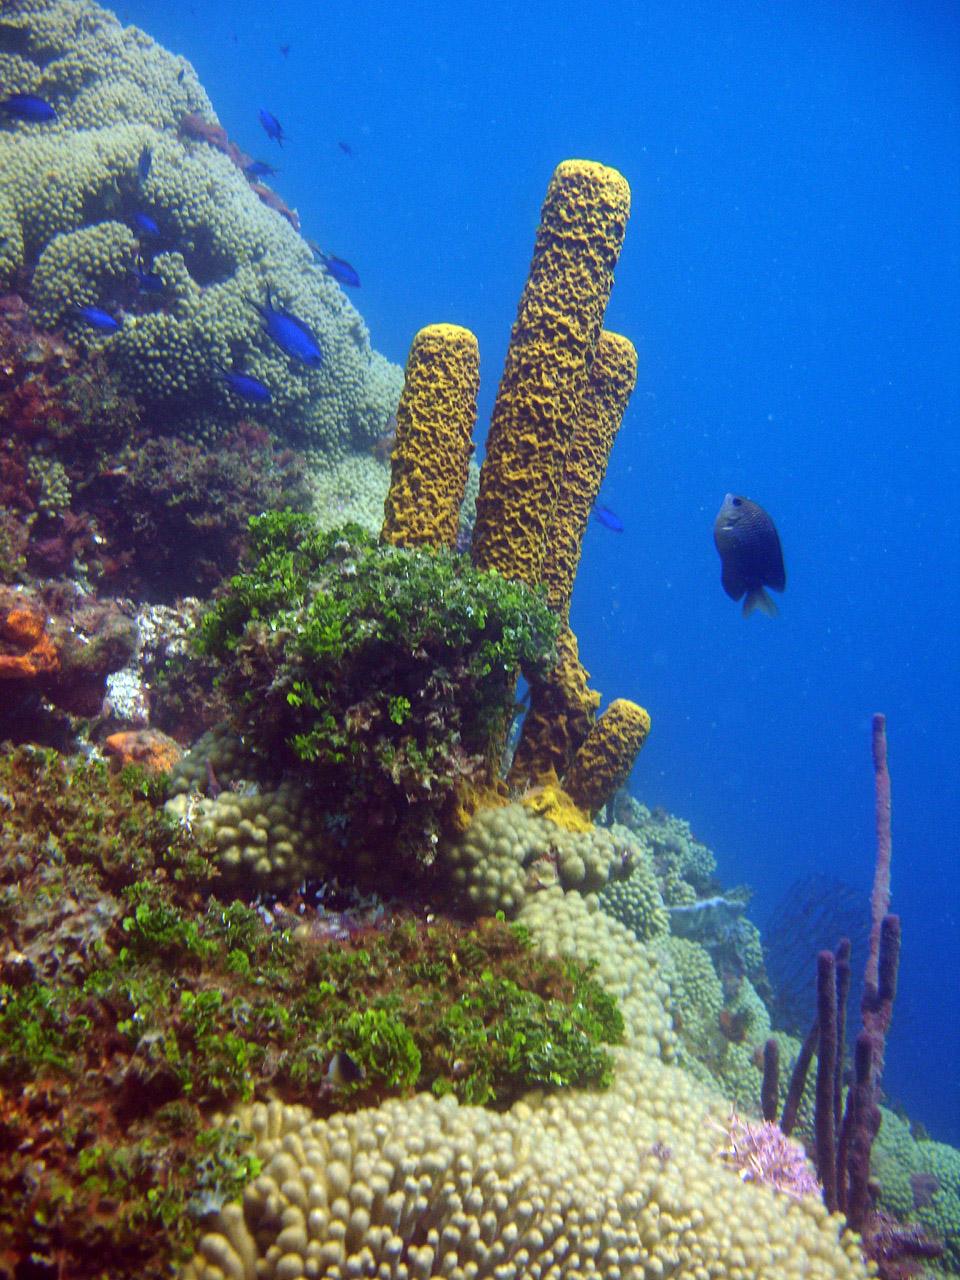 006 Giant Tube Sponge.jpg